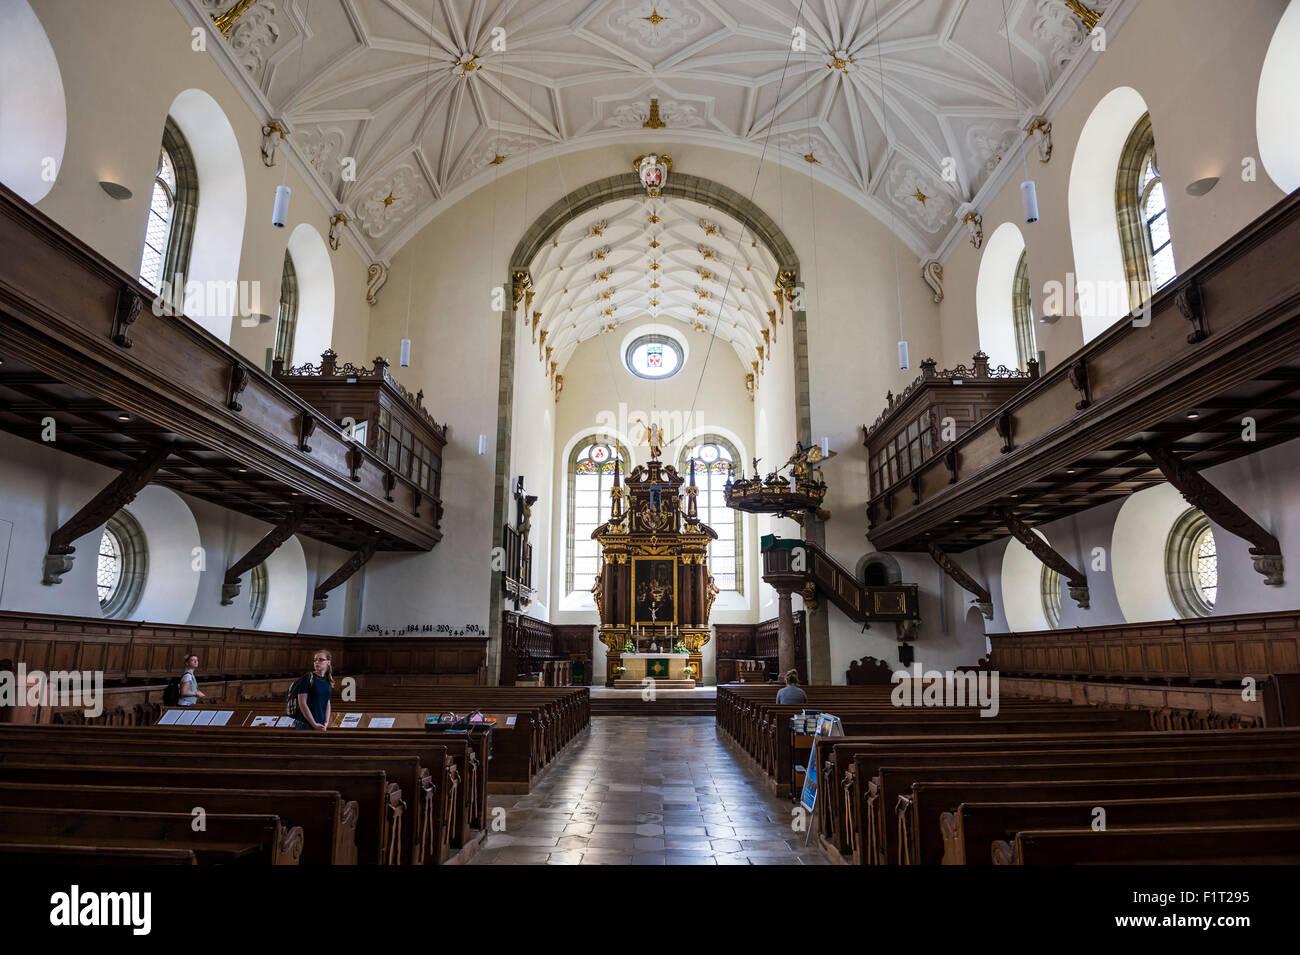 Intérieur de l'église de la Sainte Trinité, Regensburg, UNESCO World Heritage Site, Bavaria, Photo Stock